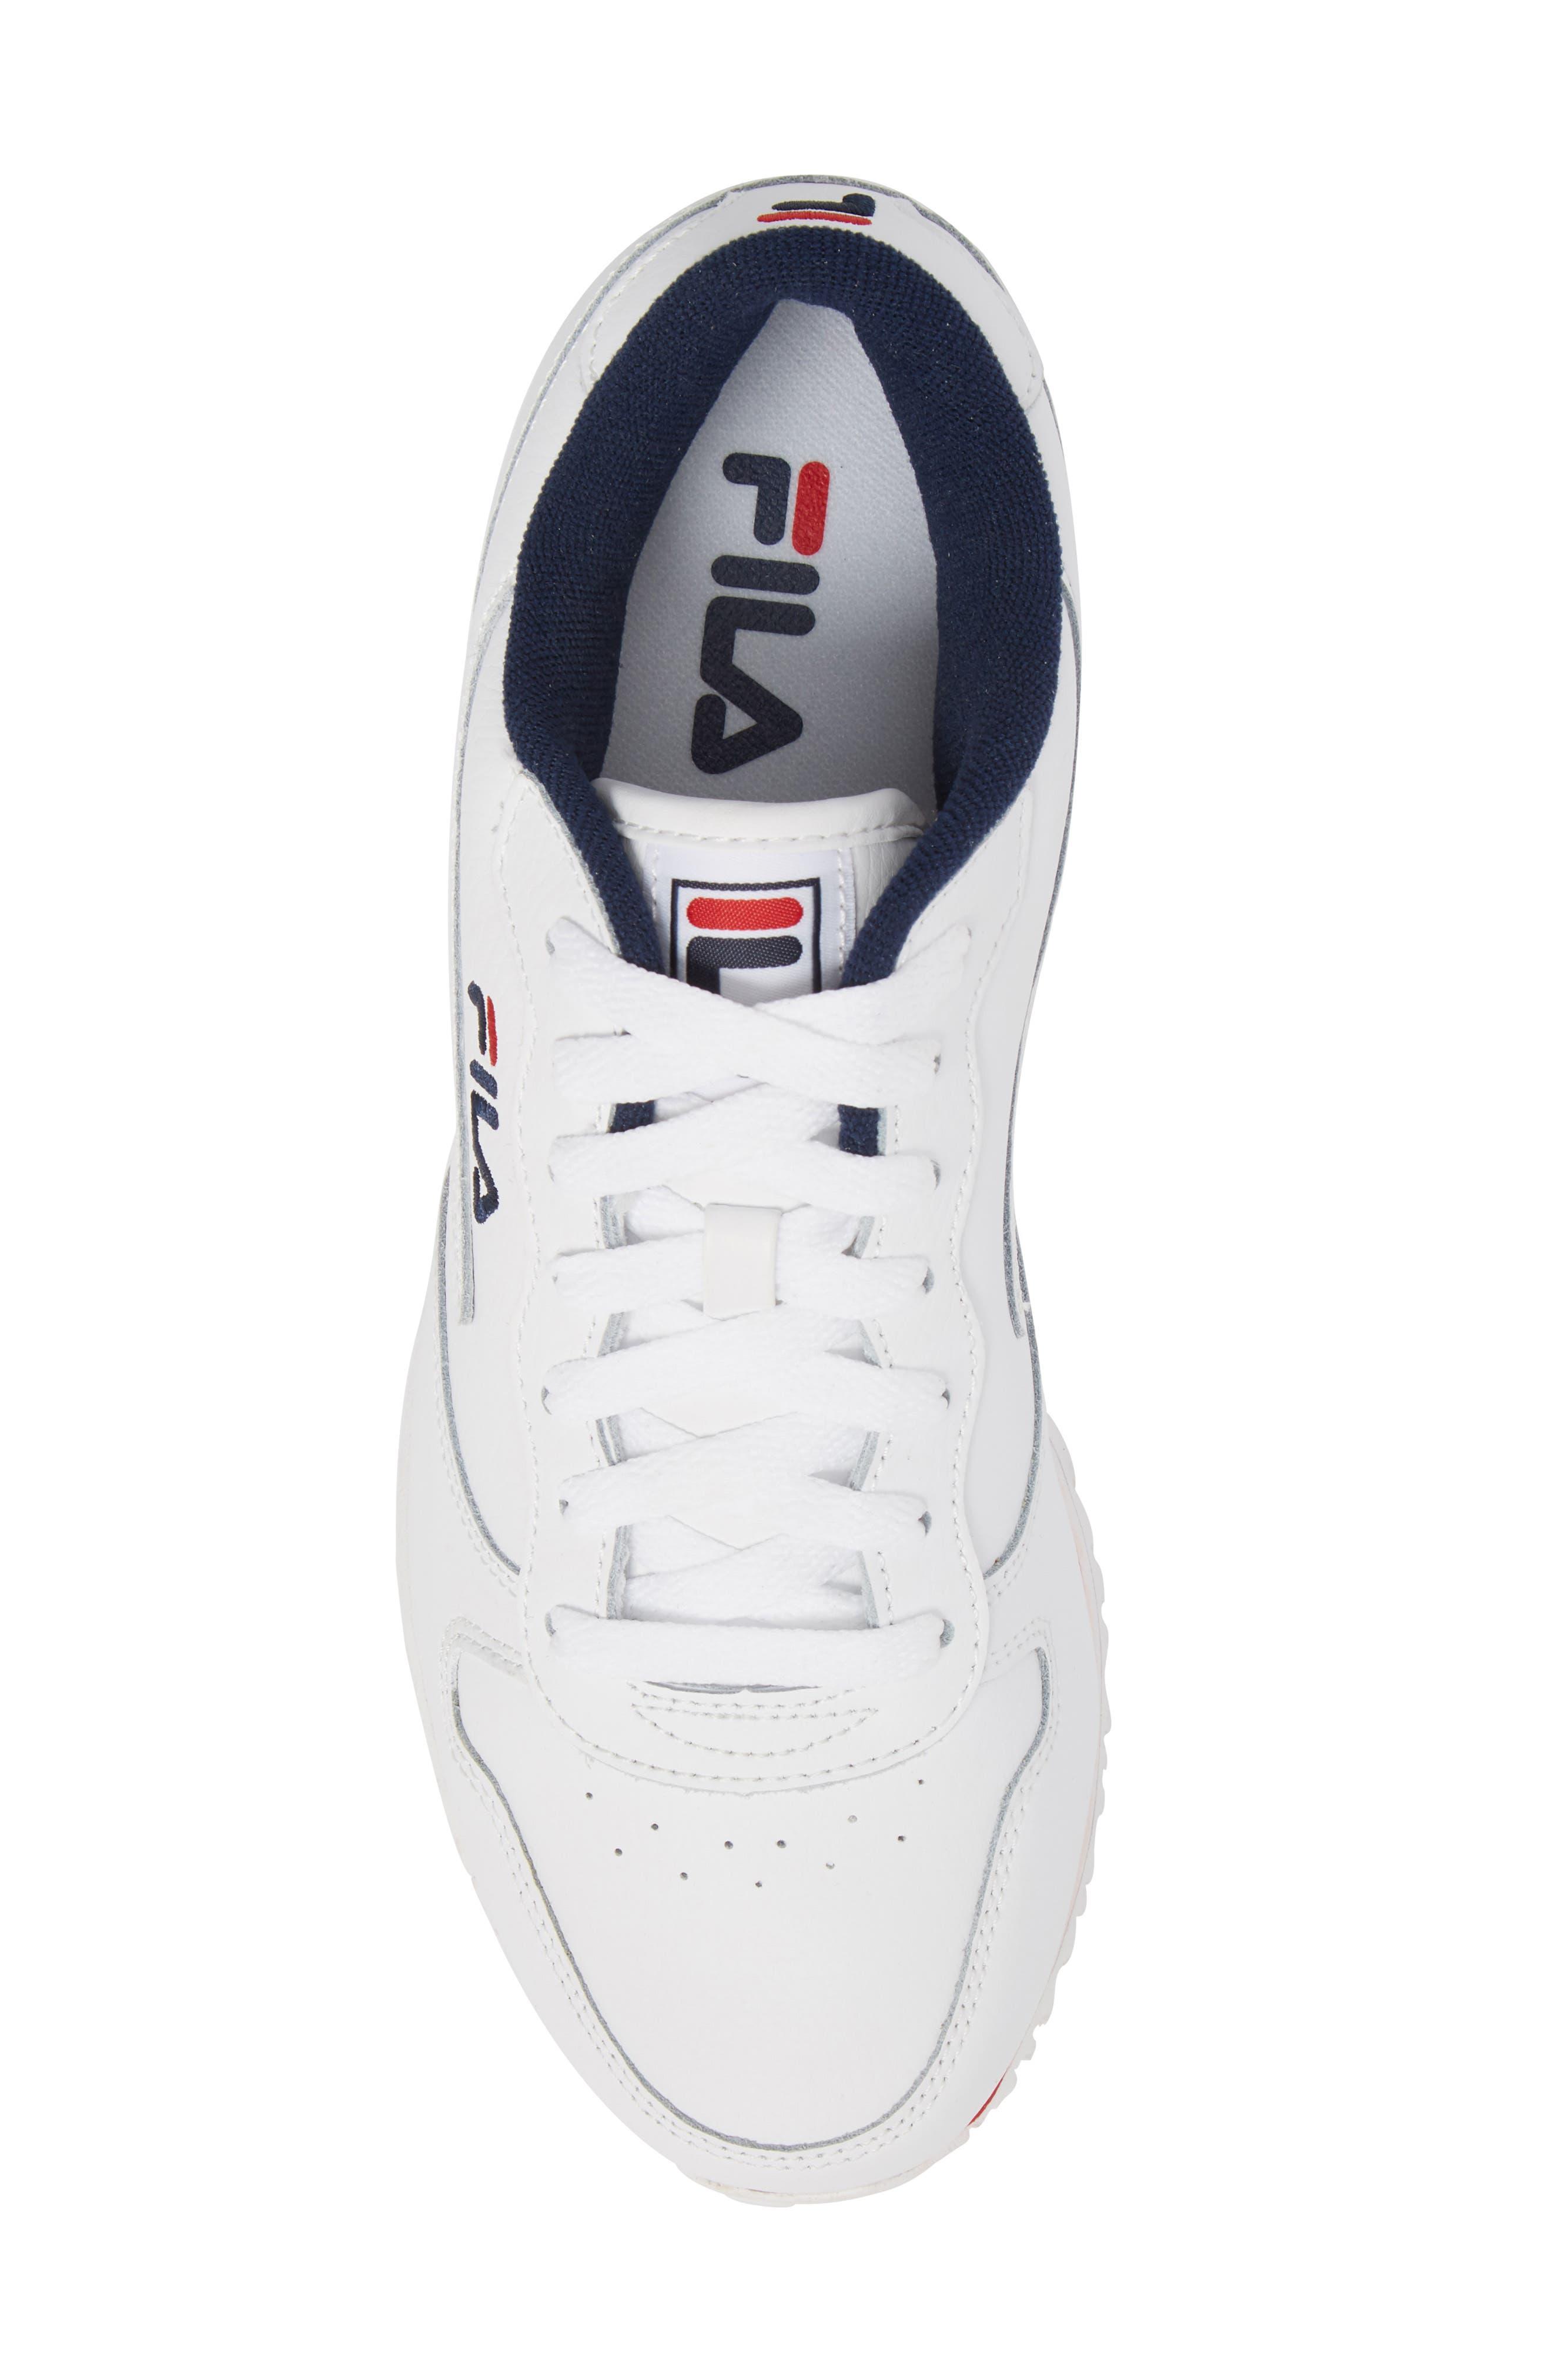 Euro Jogger Sneaker,                             Alternate thumbnail 5, color,                             WHITE/ NAVY/ RED